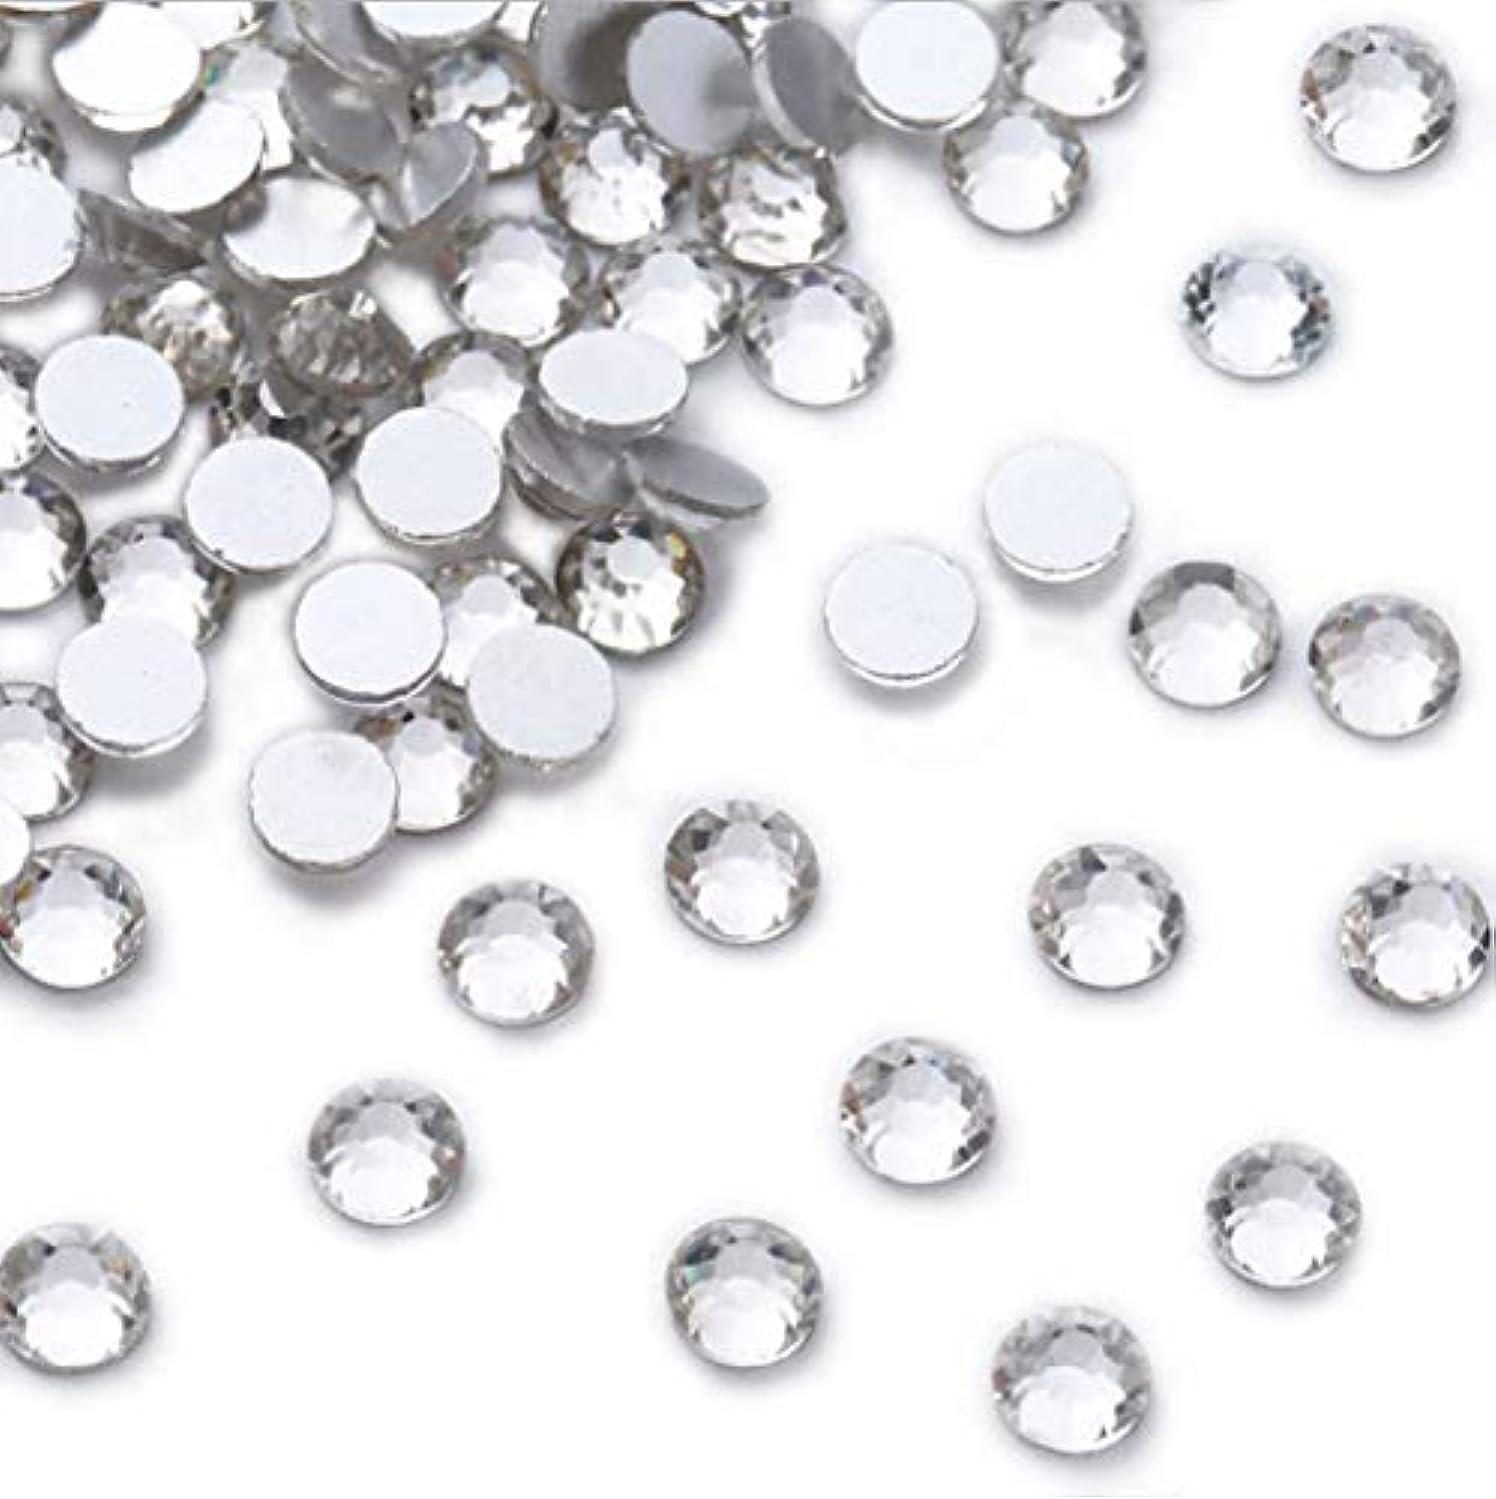 憲法見えない支出XIULIラインストーン DIY ネイルを飾てと服装使用 高い採光 ホワイト ss3-30 (6.5mm ss30(288粒), サイズ)